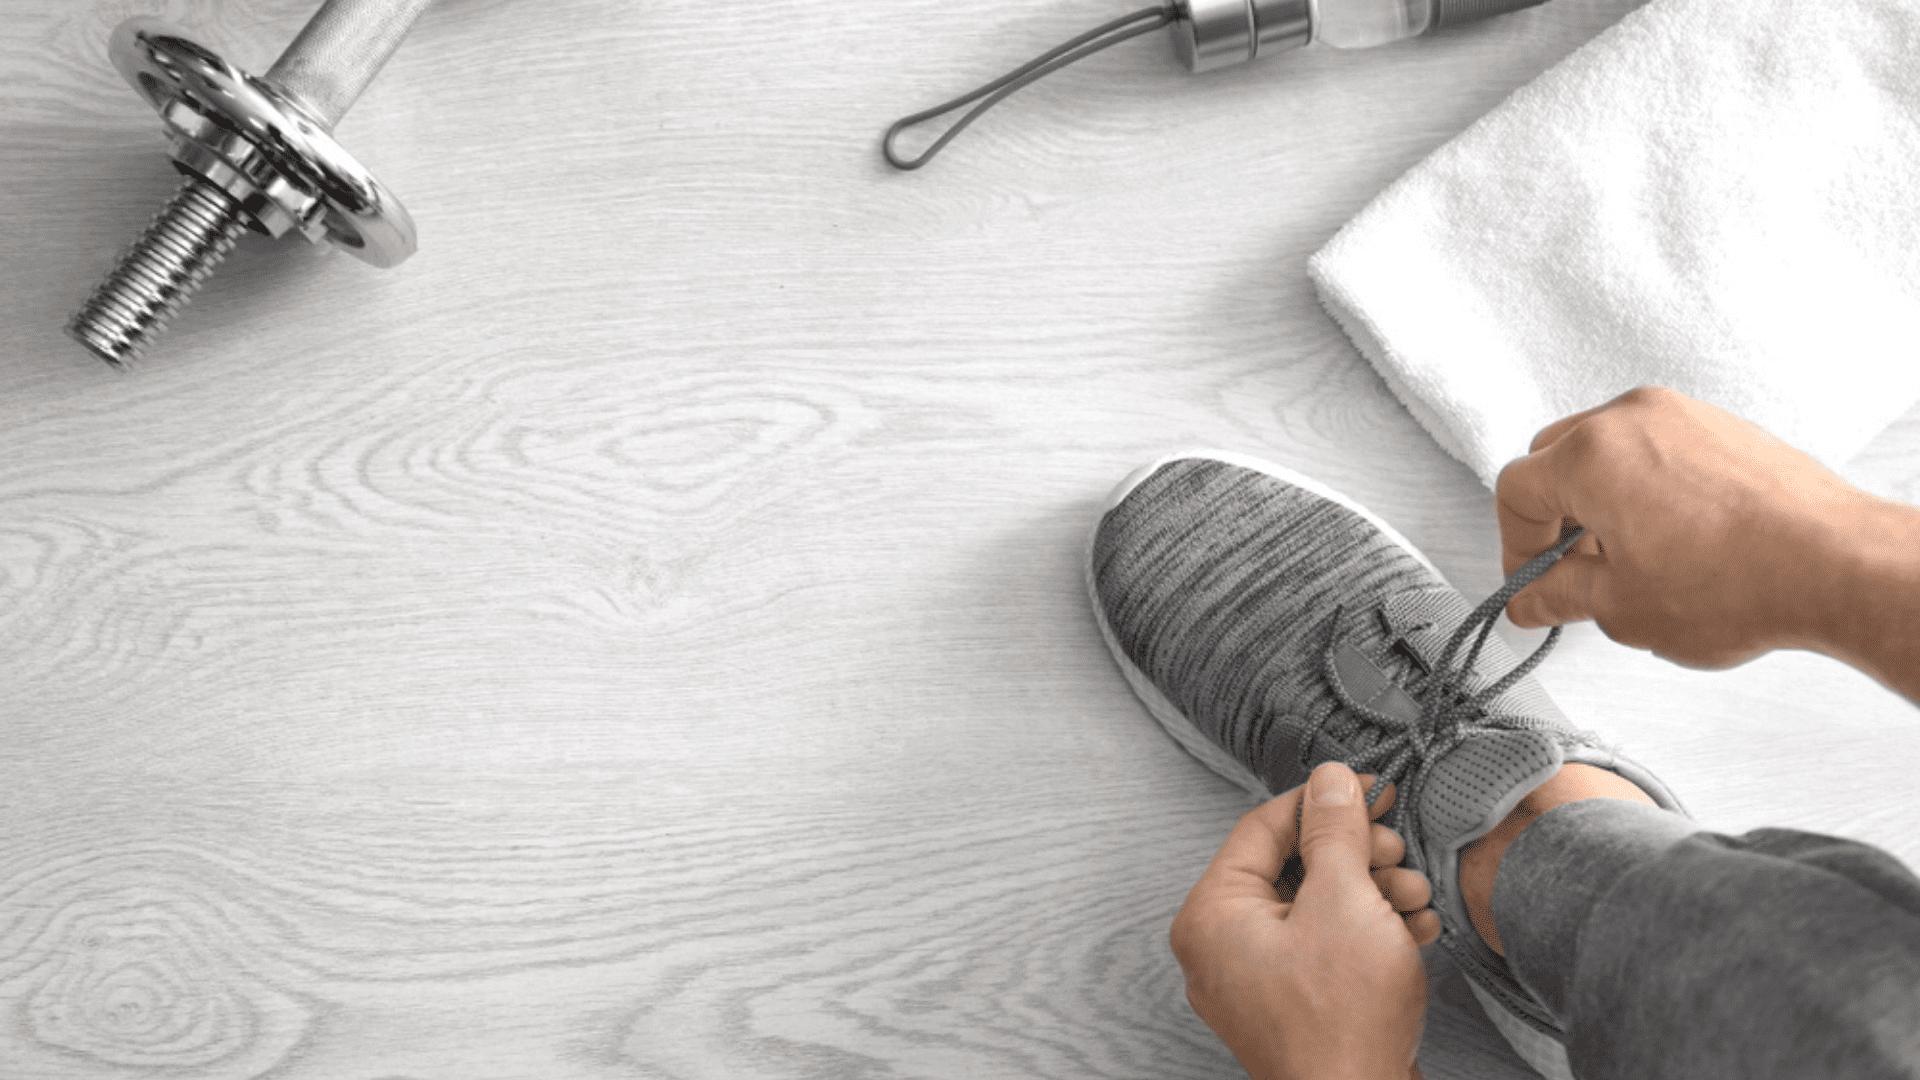 Confira o nosso guia com tudo o que você precisa saber antes de comprar um tênis para academia (Imagem: Reprodução/Shutterstock)